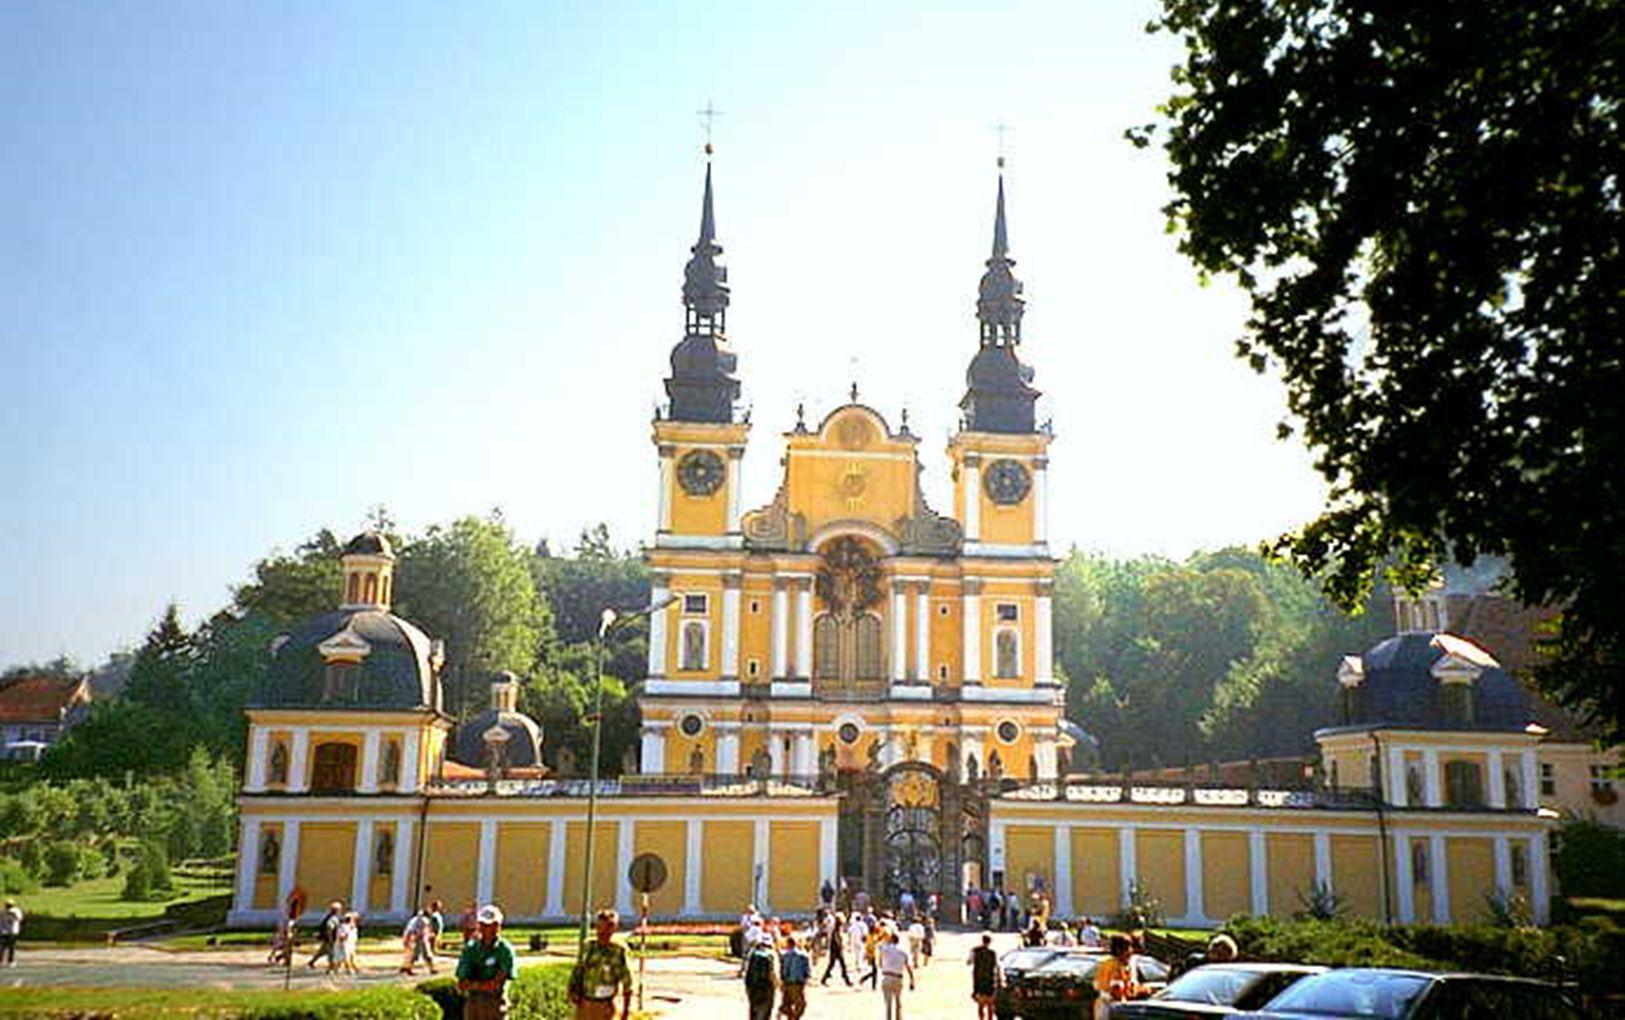 Die wunderschöne Barockkirche von Heiligelinde